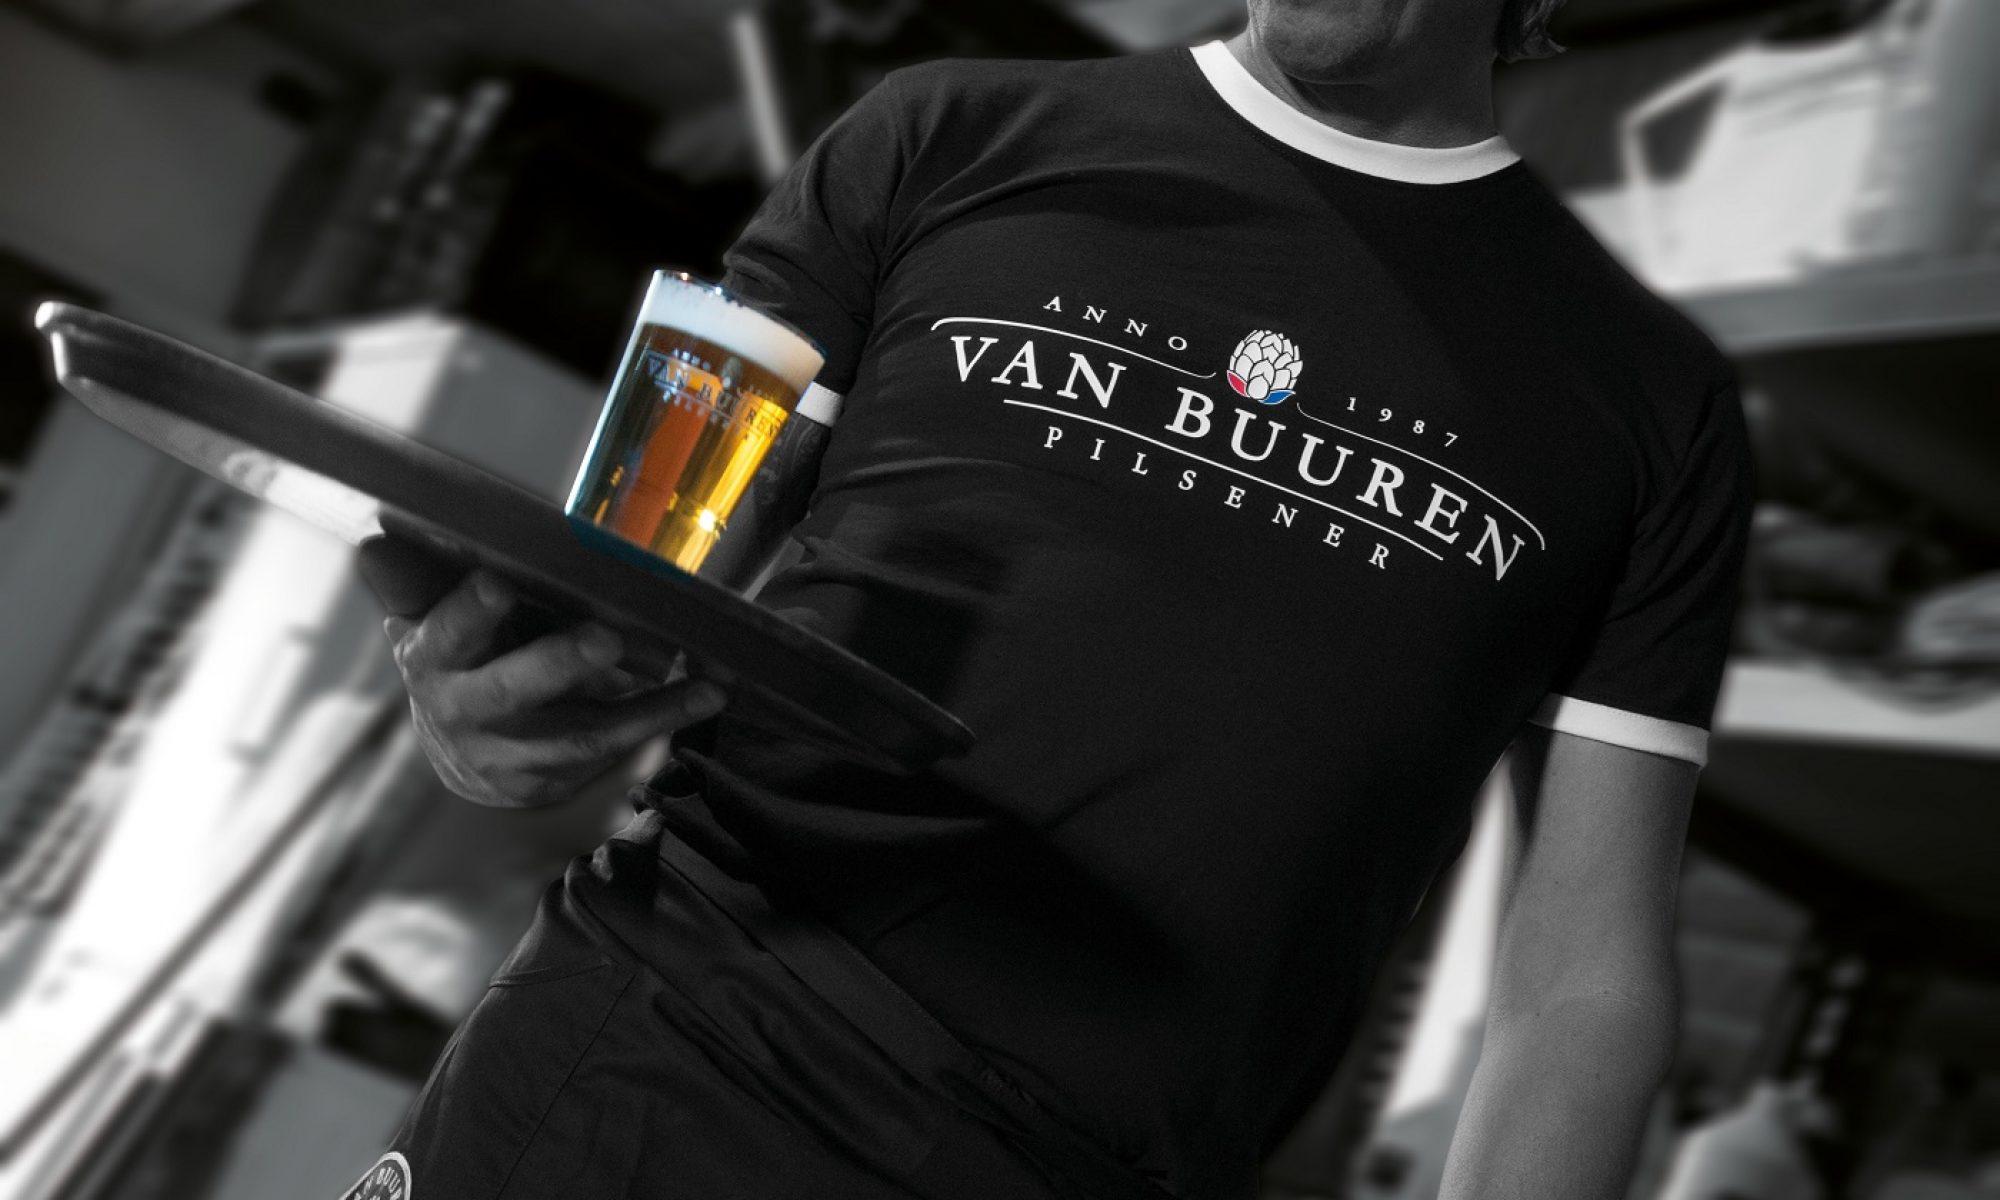 Van Buuren Brouwerij